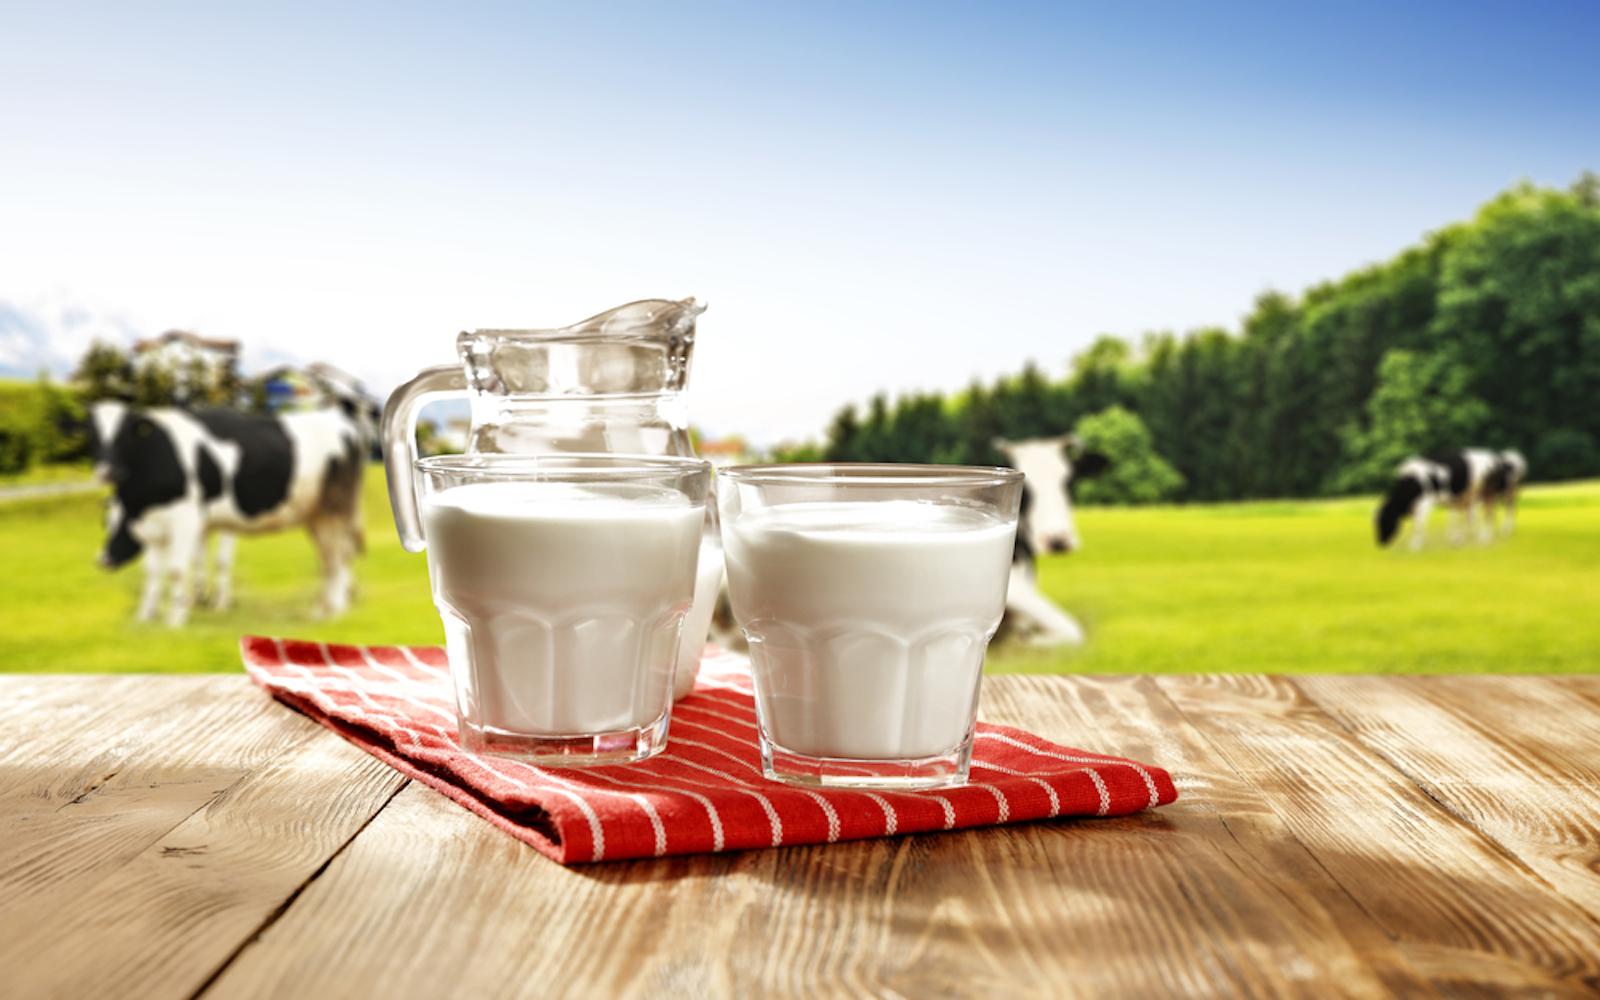 cows milk myths